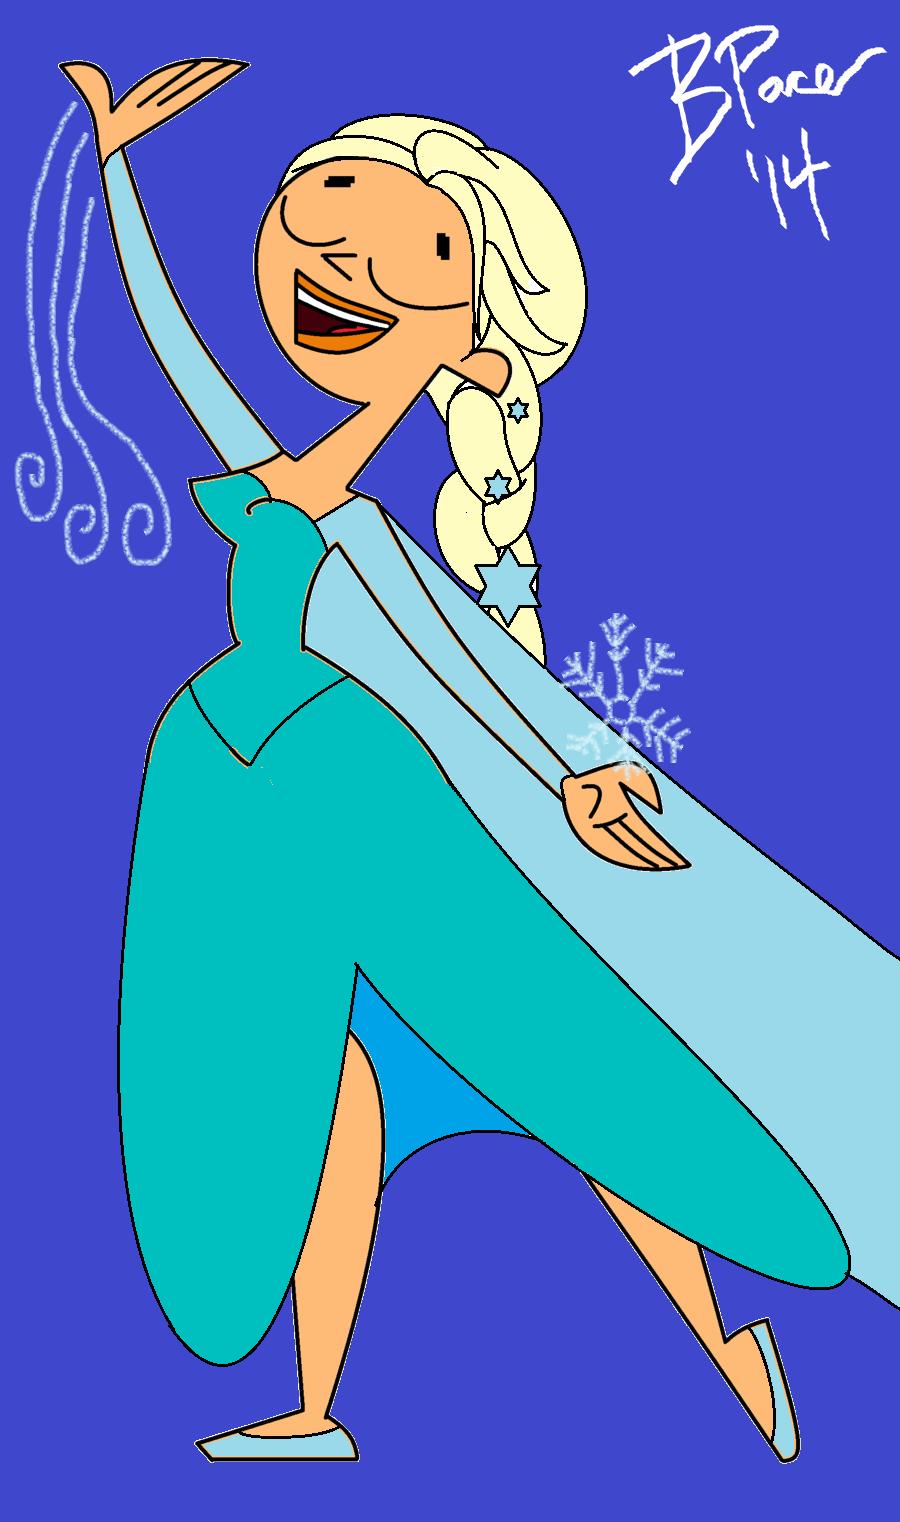 Elsa In TDI Form by ZakBagansTDI on DeviantArt